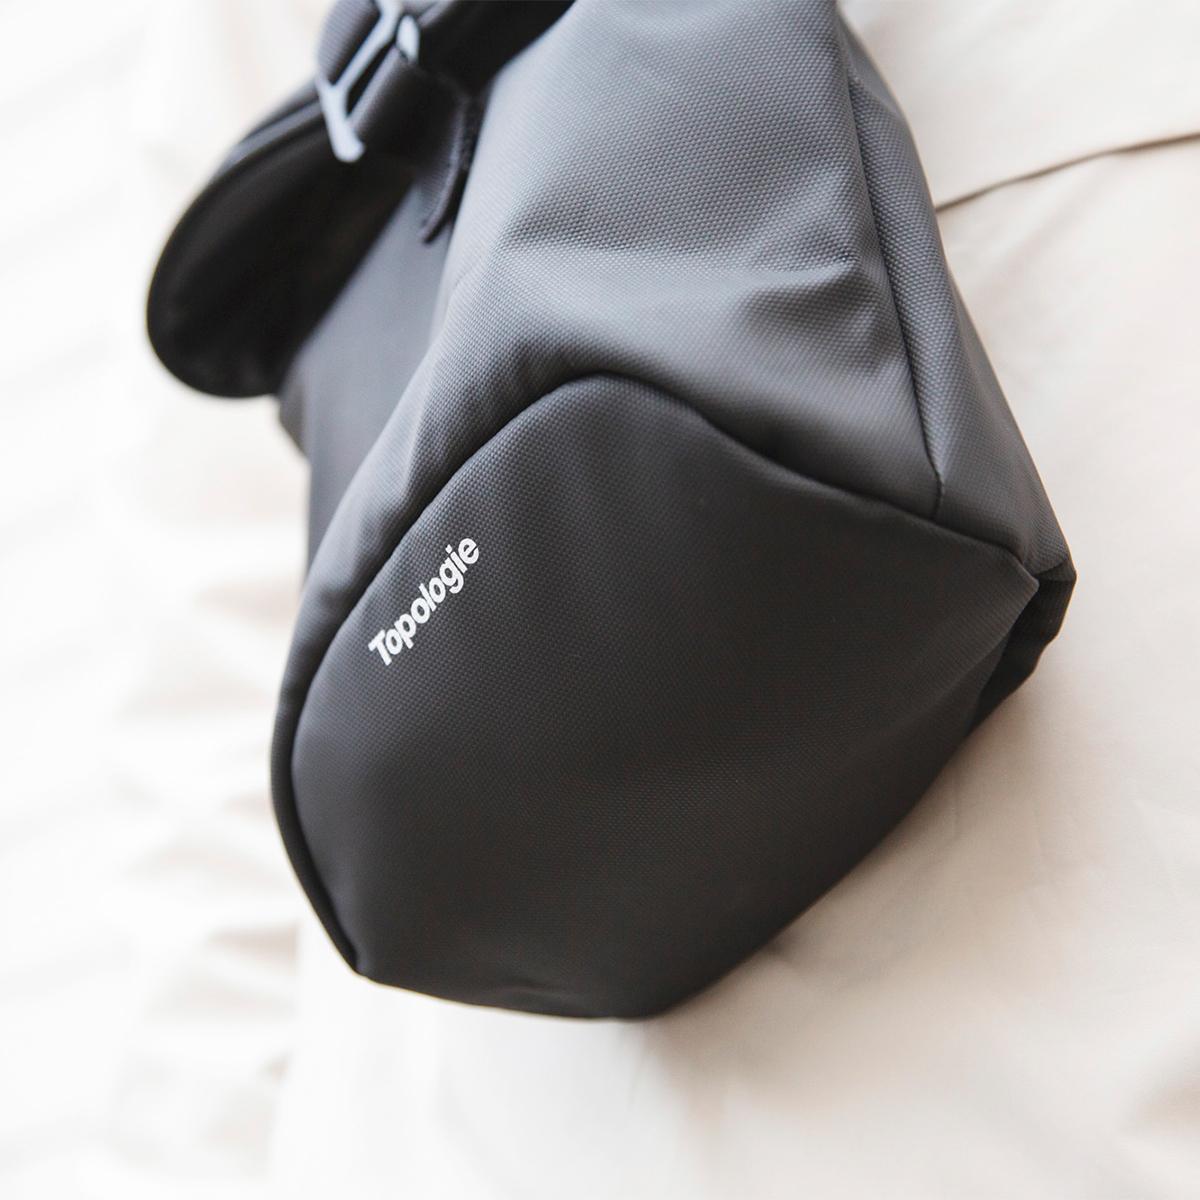 岩への挑戦から生まれた『街バッグ』|《ドライコレクション/チョークバッグ》水濡れや汚れに強い撥水コーティング仕様、安定構造&荷物の出し入れがラクな「4WAYウエストバッグ」 | Topologie